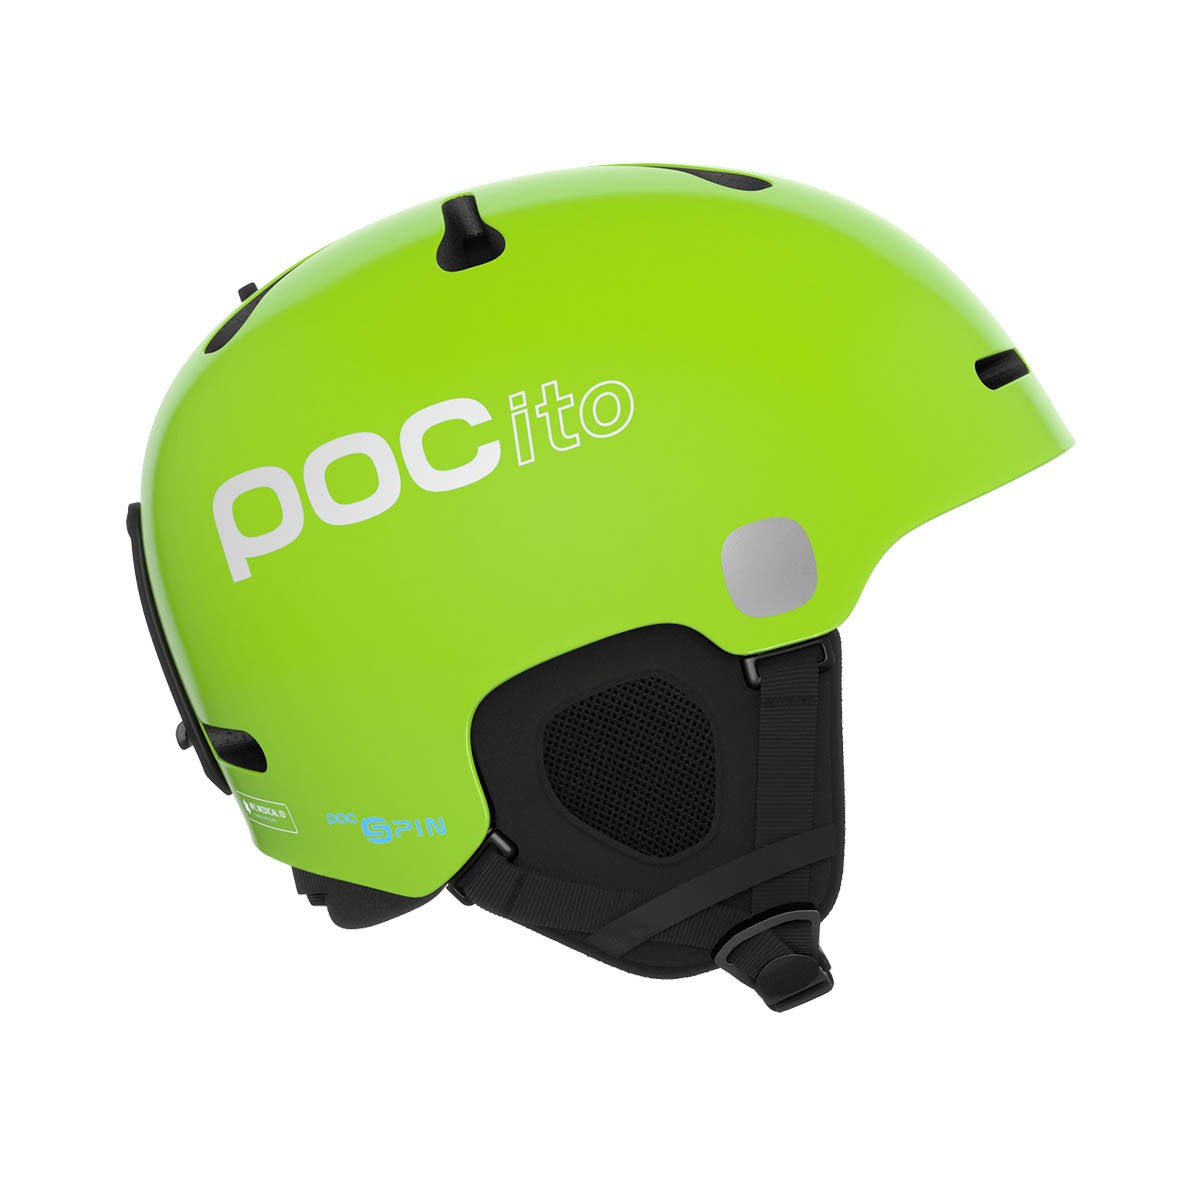 Casco sci Poc Pocito Fornix Spin (Colore: fluorescent yellow/green, Taglia: 5154)